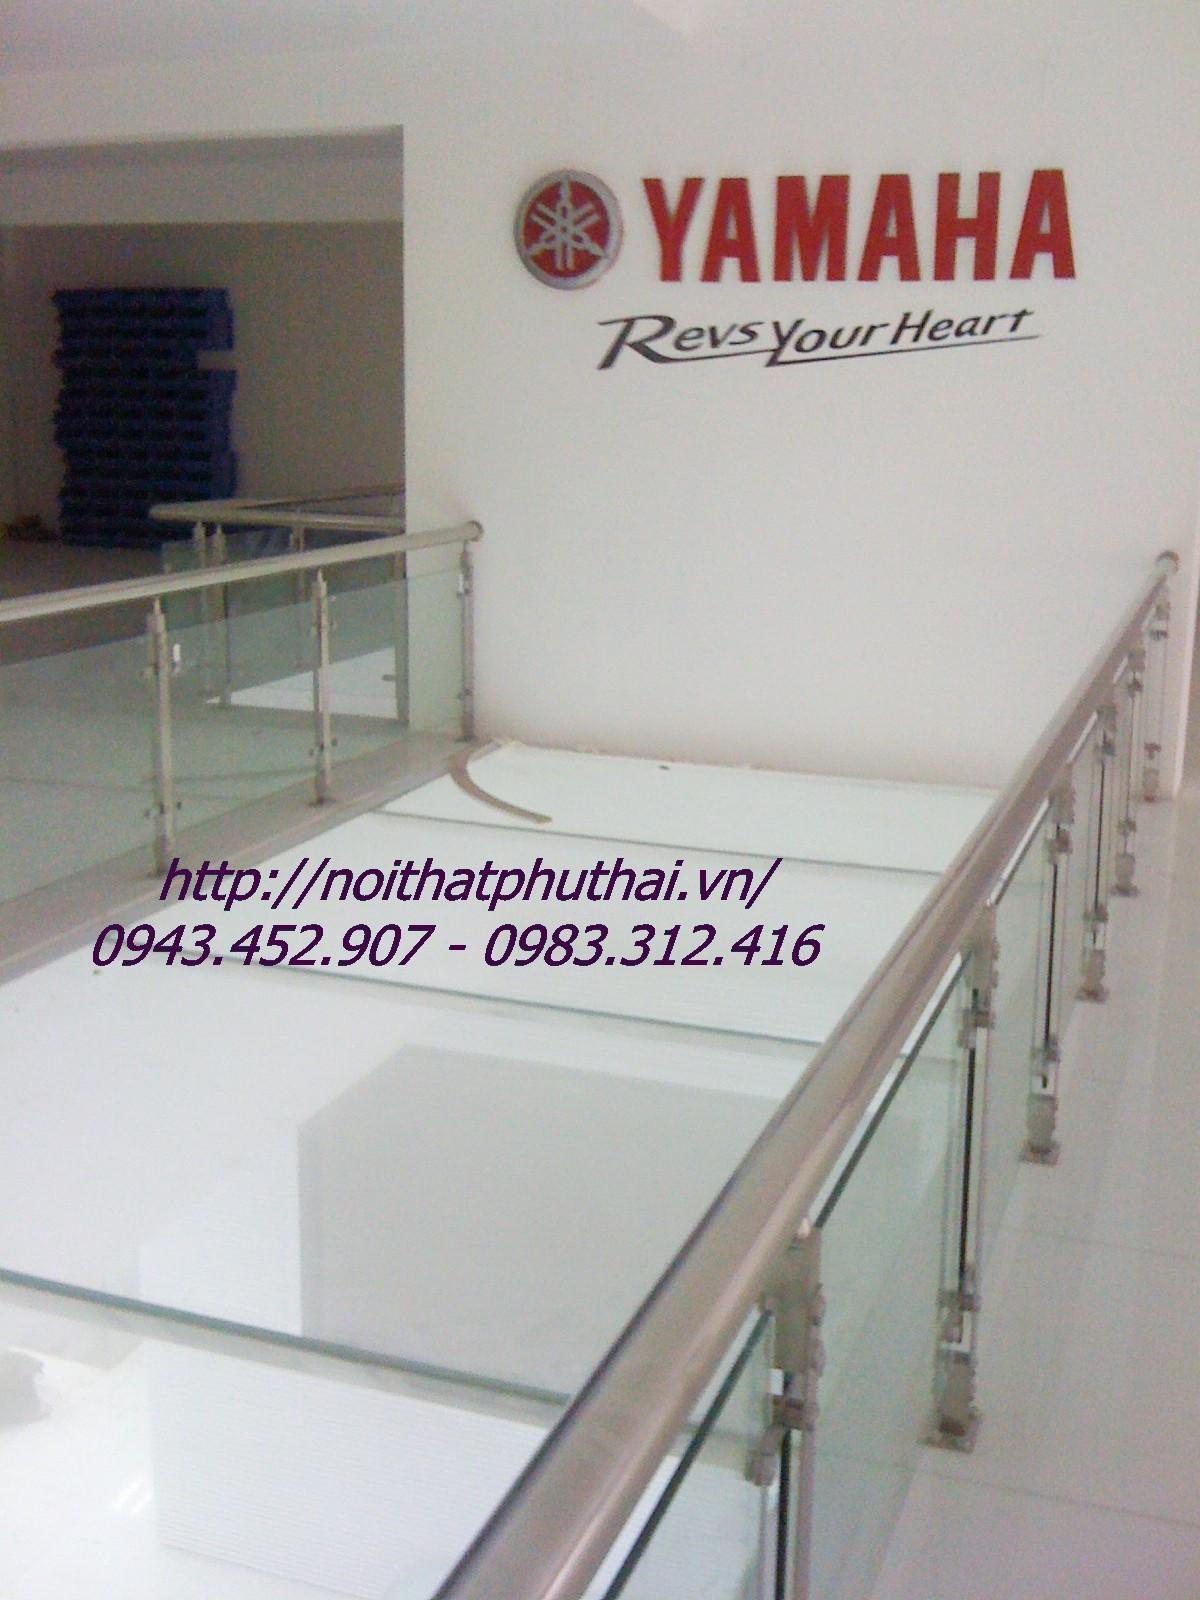 Công trình cầu thang, lan can kính cường lực showroom Yamaha 62 Nguyễn Chí Thanh - Ba Đình Hà Nội